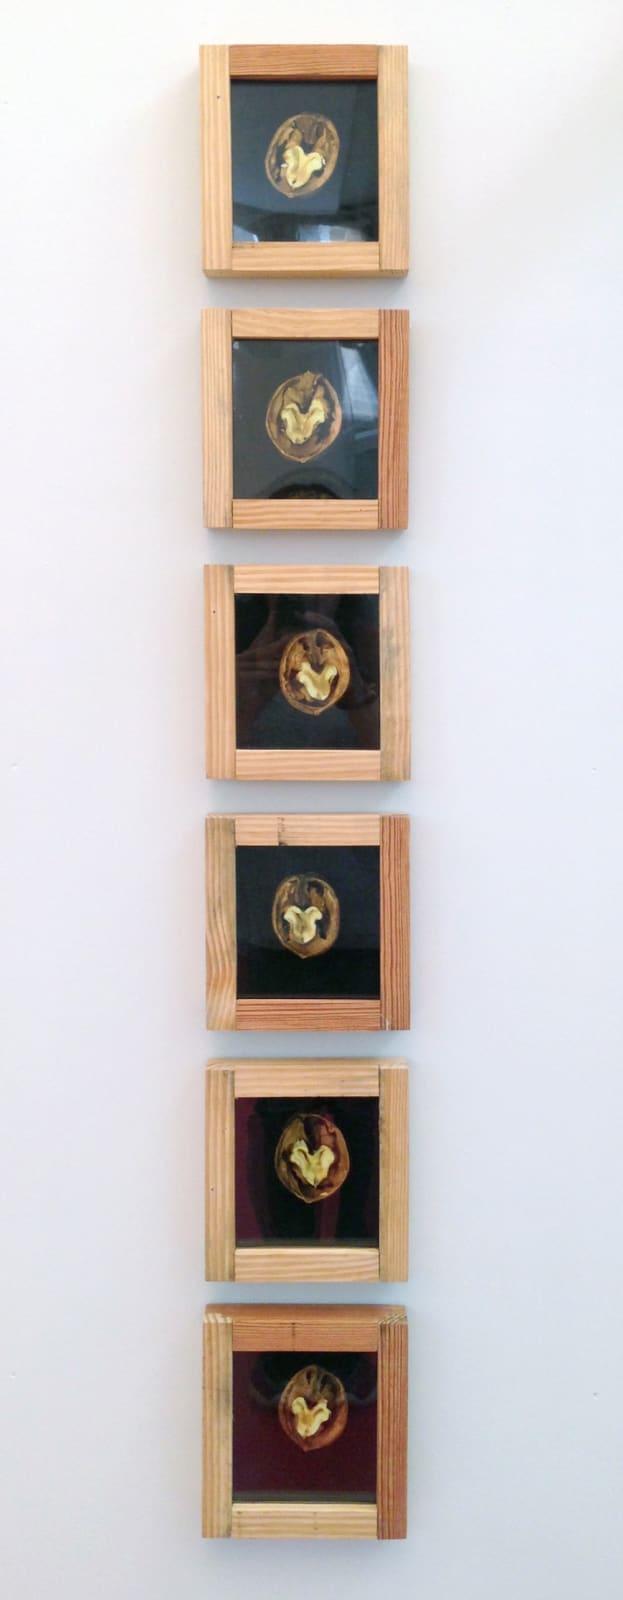 Pascal Kern, Nature, 2002